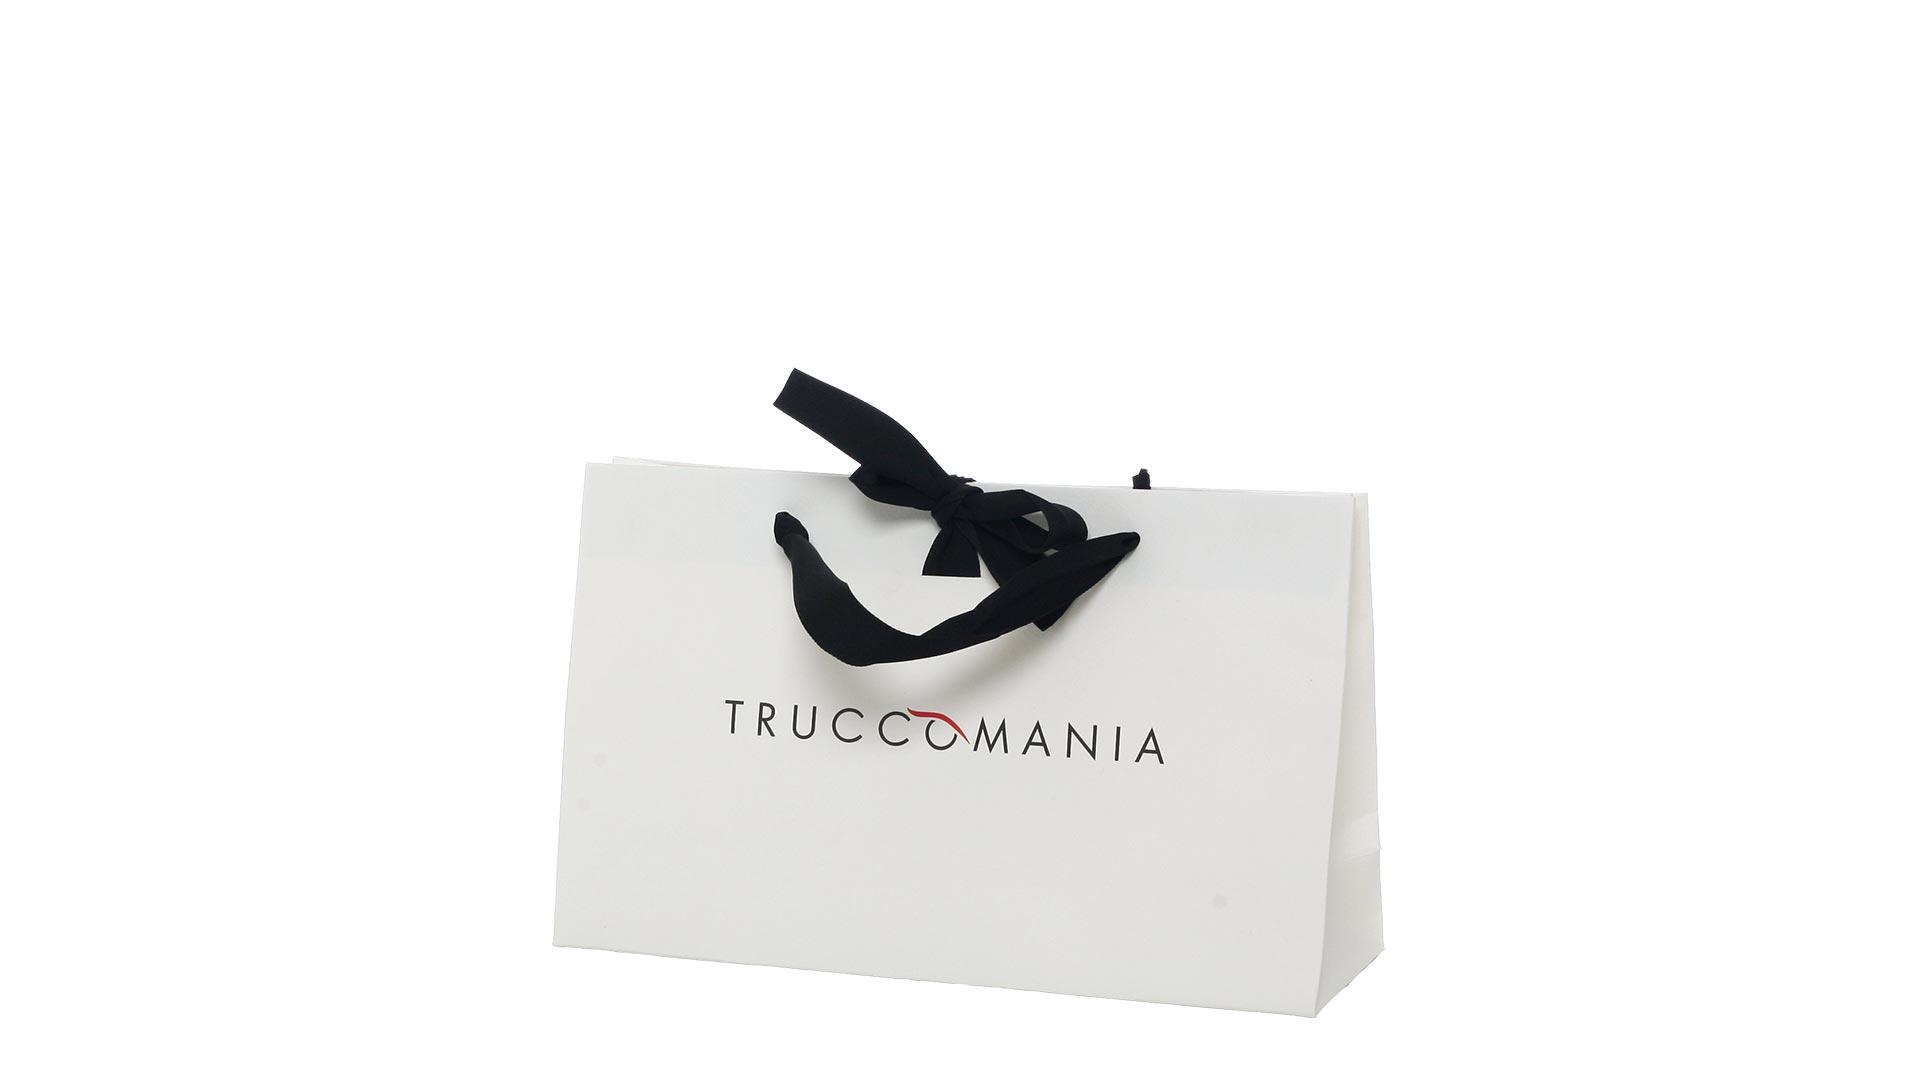 borsetta in carta di colore bianco con logo nero